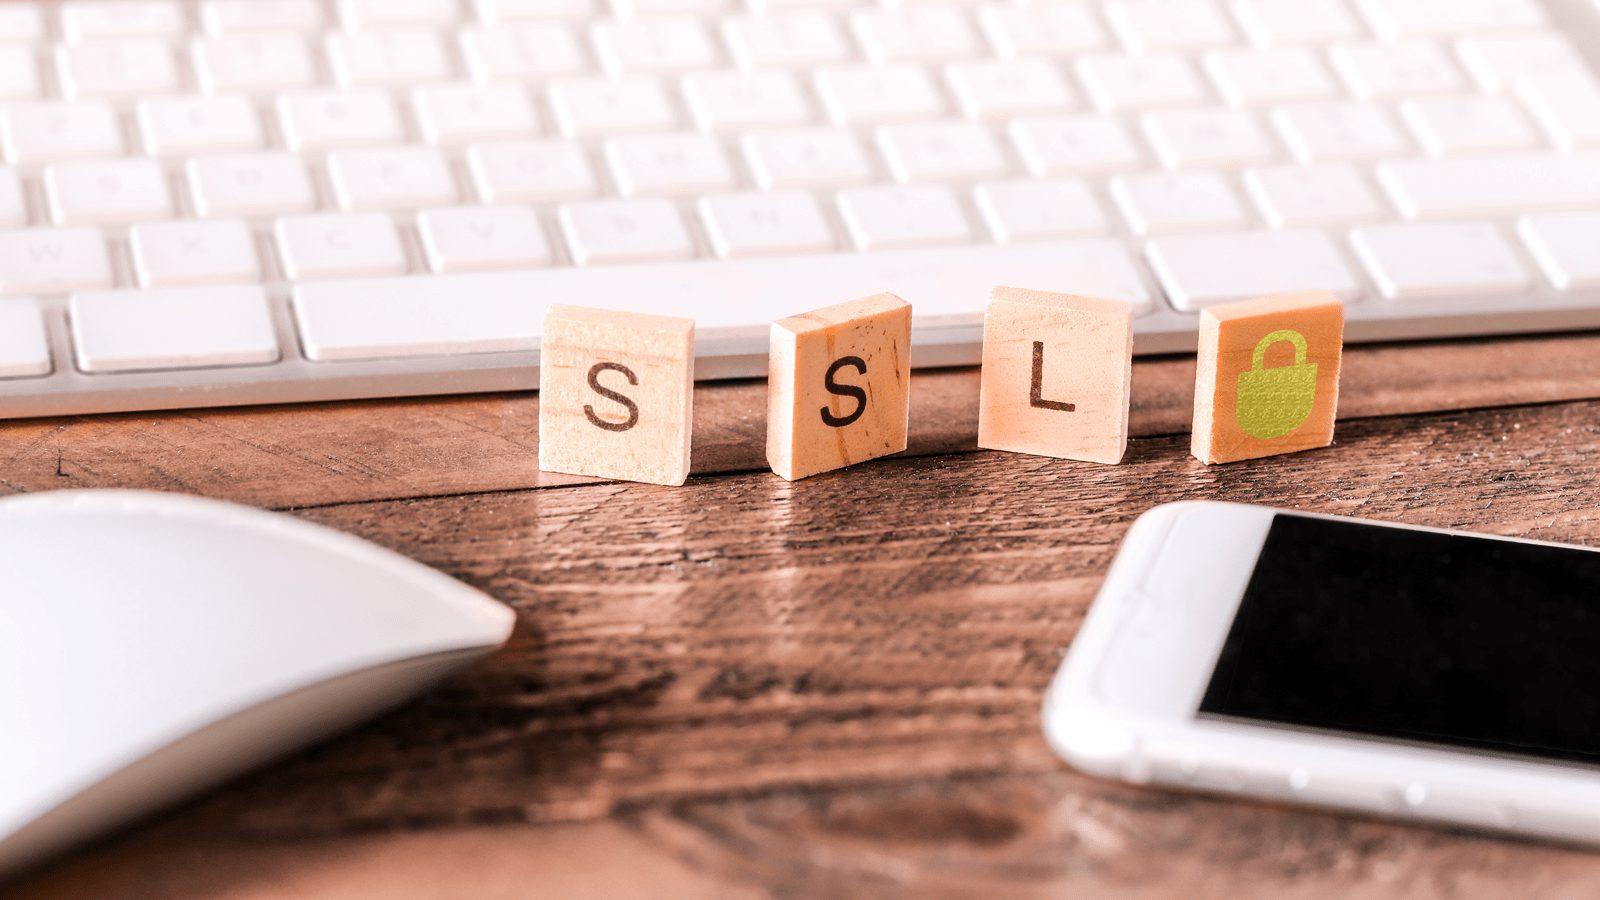 「SSL」と書かれた木のブロックがパソコンのキーボードの前に置かれている